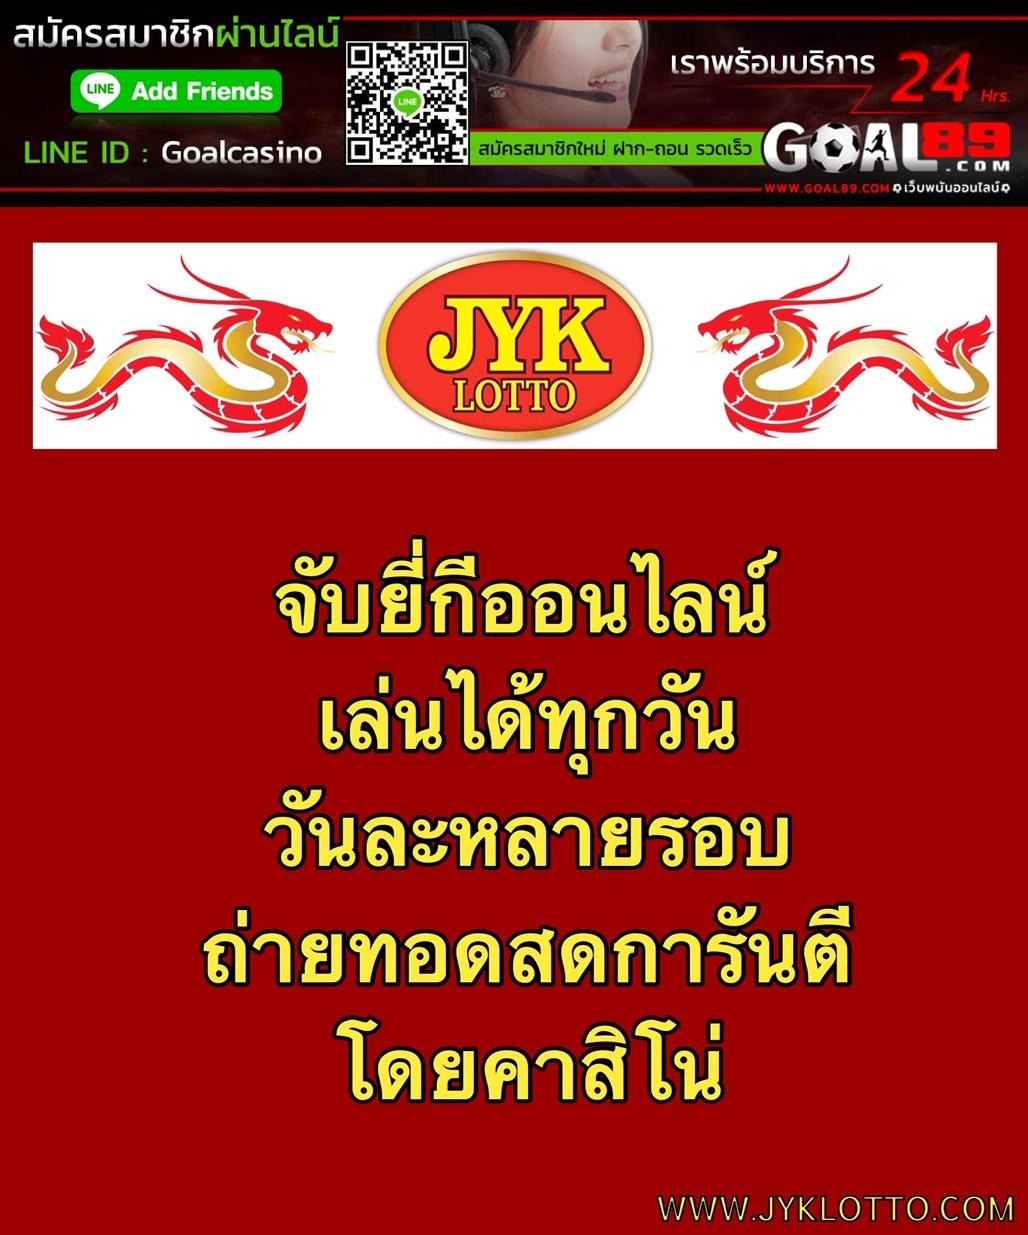 แทงหวยเว็บไหนดี , แทงหวยมาเลย์, แทงหวยฮานอย, เว็บหวยเวียดนาม, เว็บแทงหวยไทย, เว็บ JYKLOTTO